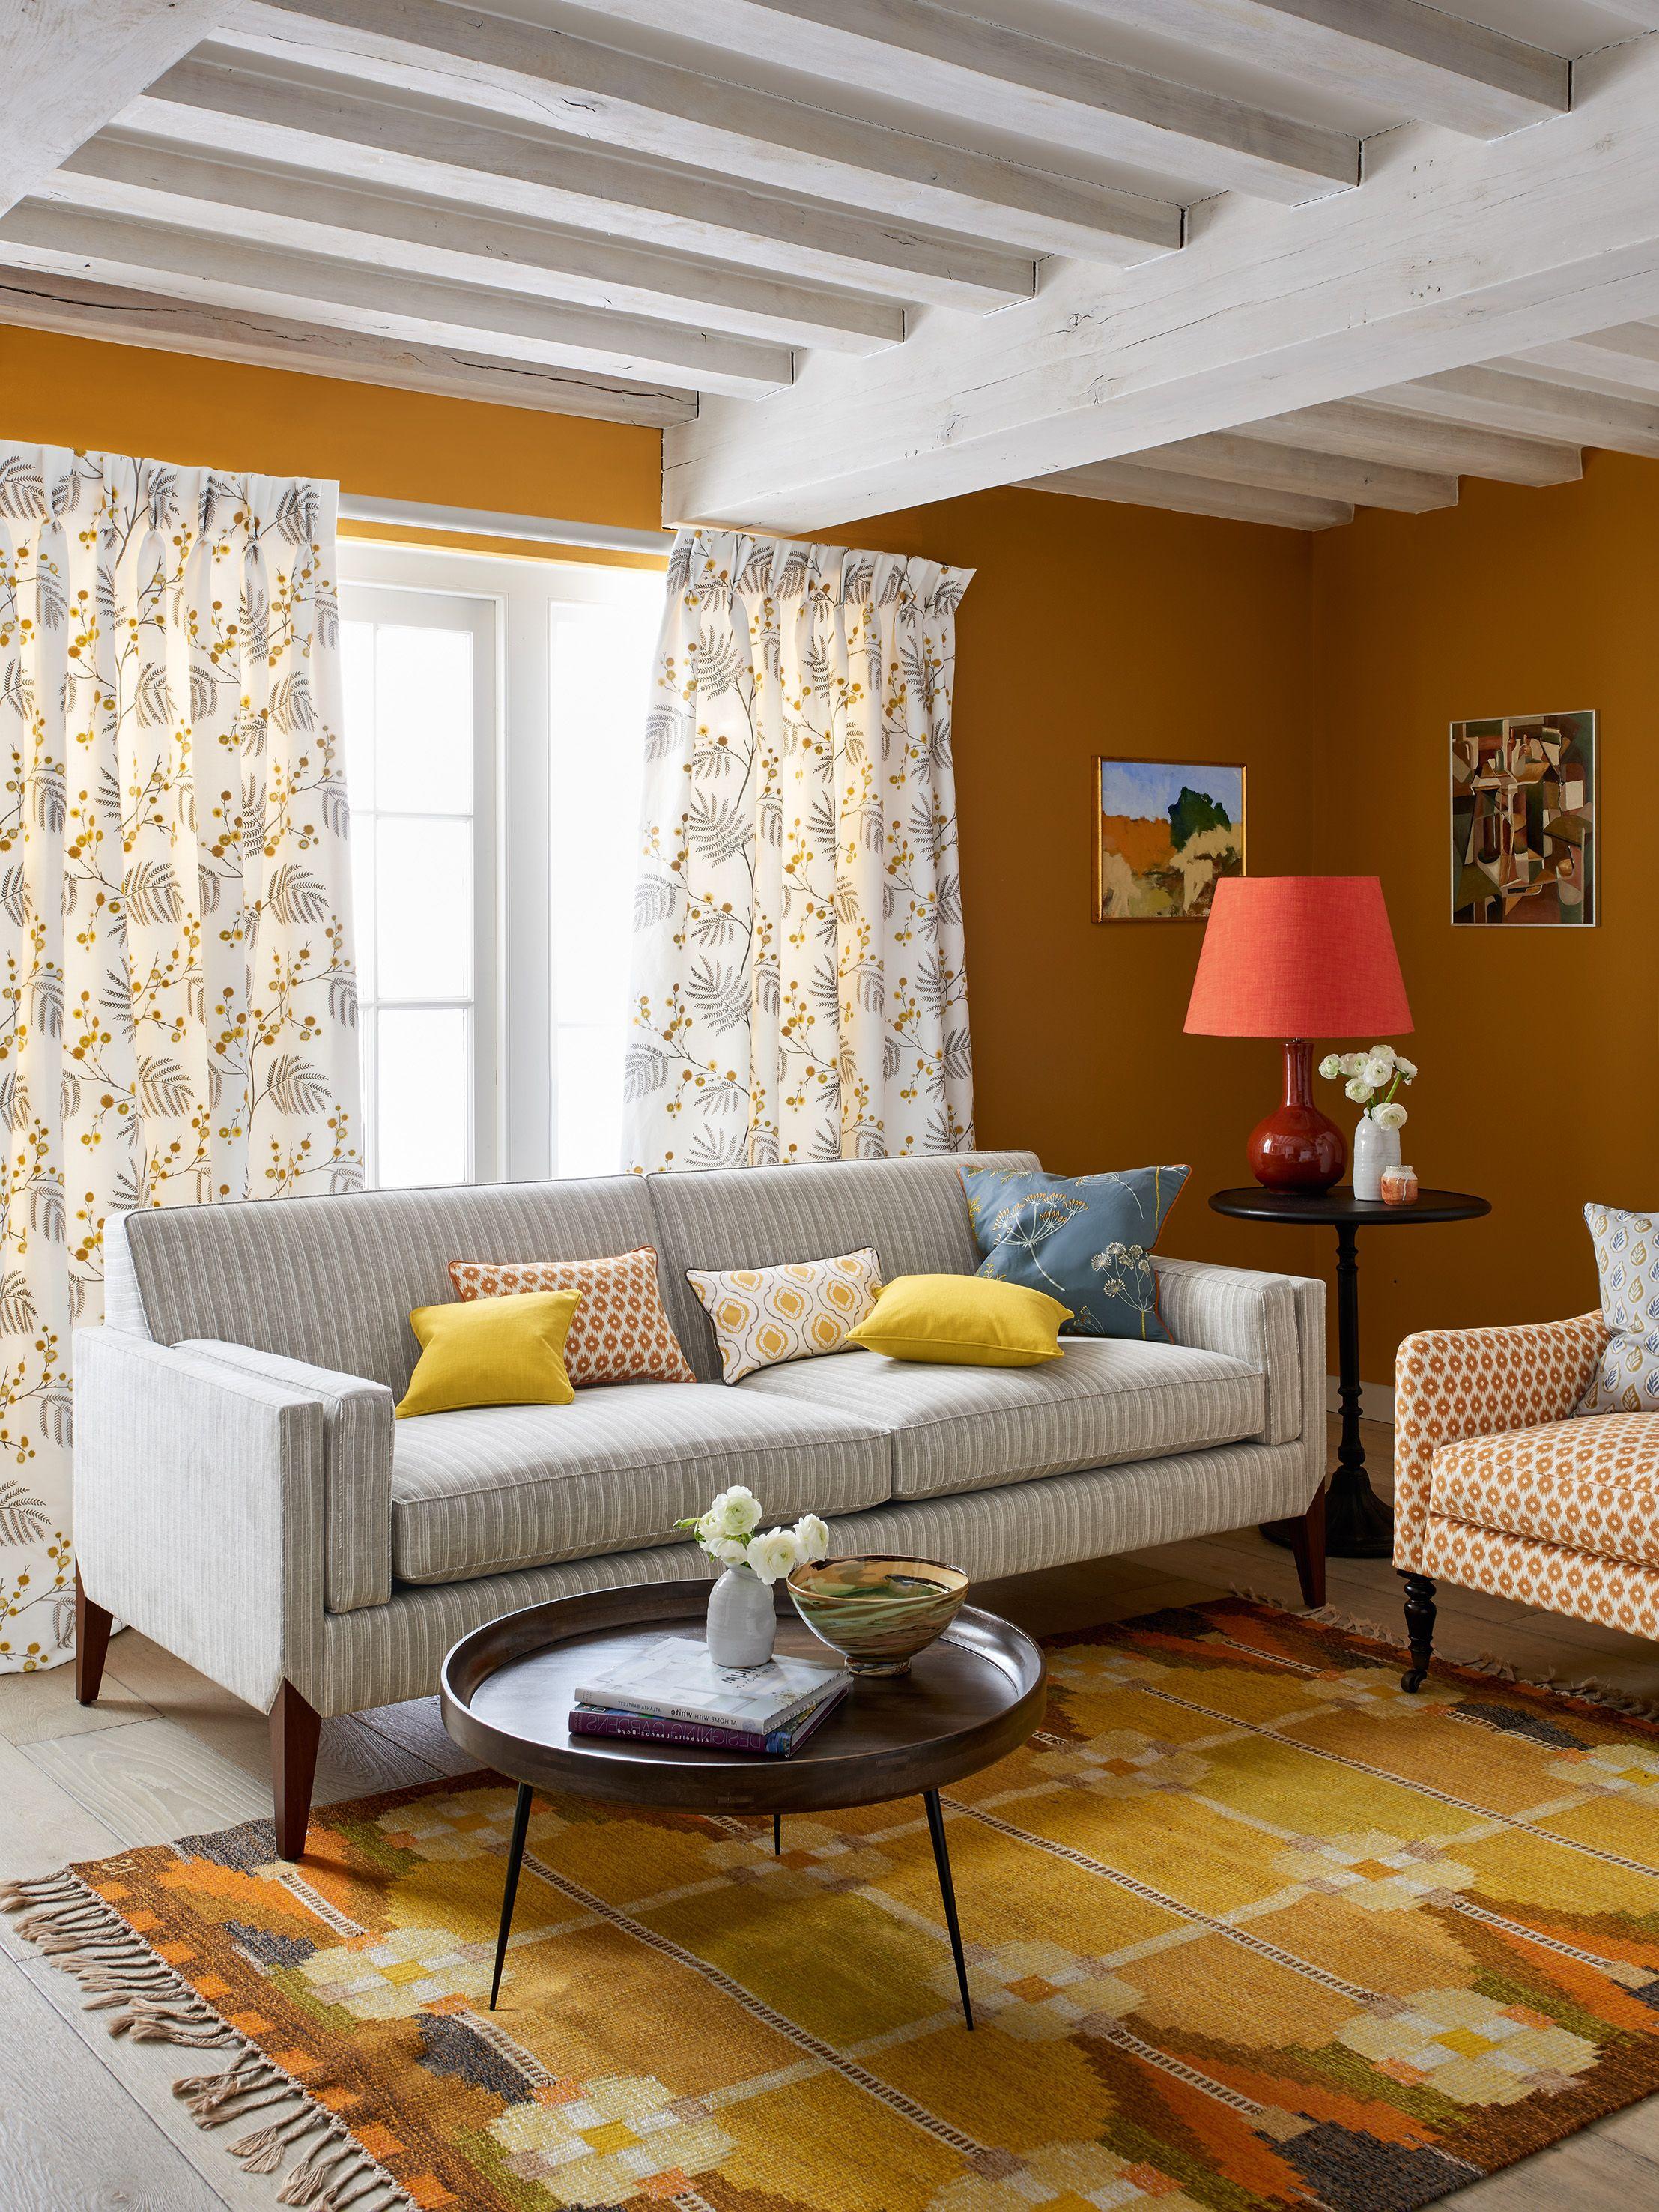 Oxford Sofa By Kingcome Sofas Kingcome Sofas Pinterest  # Meuble Boheme But